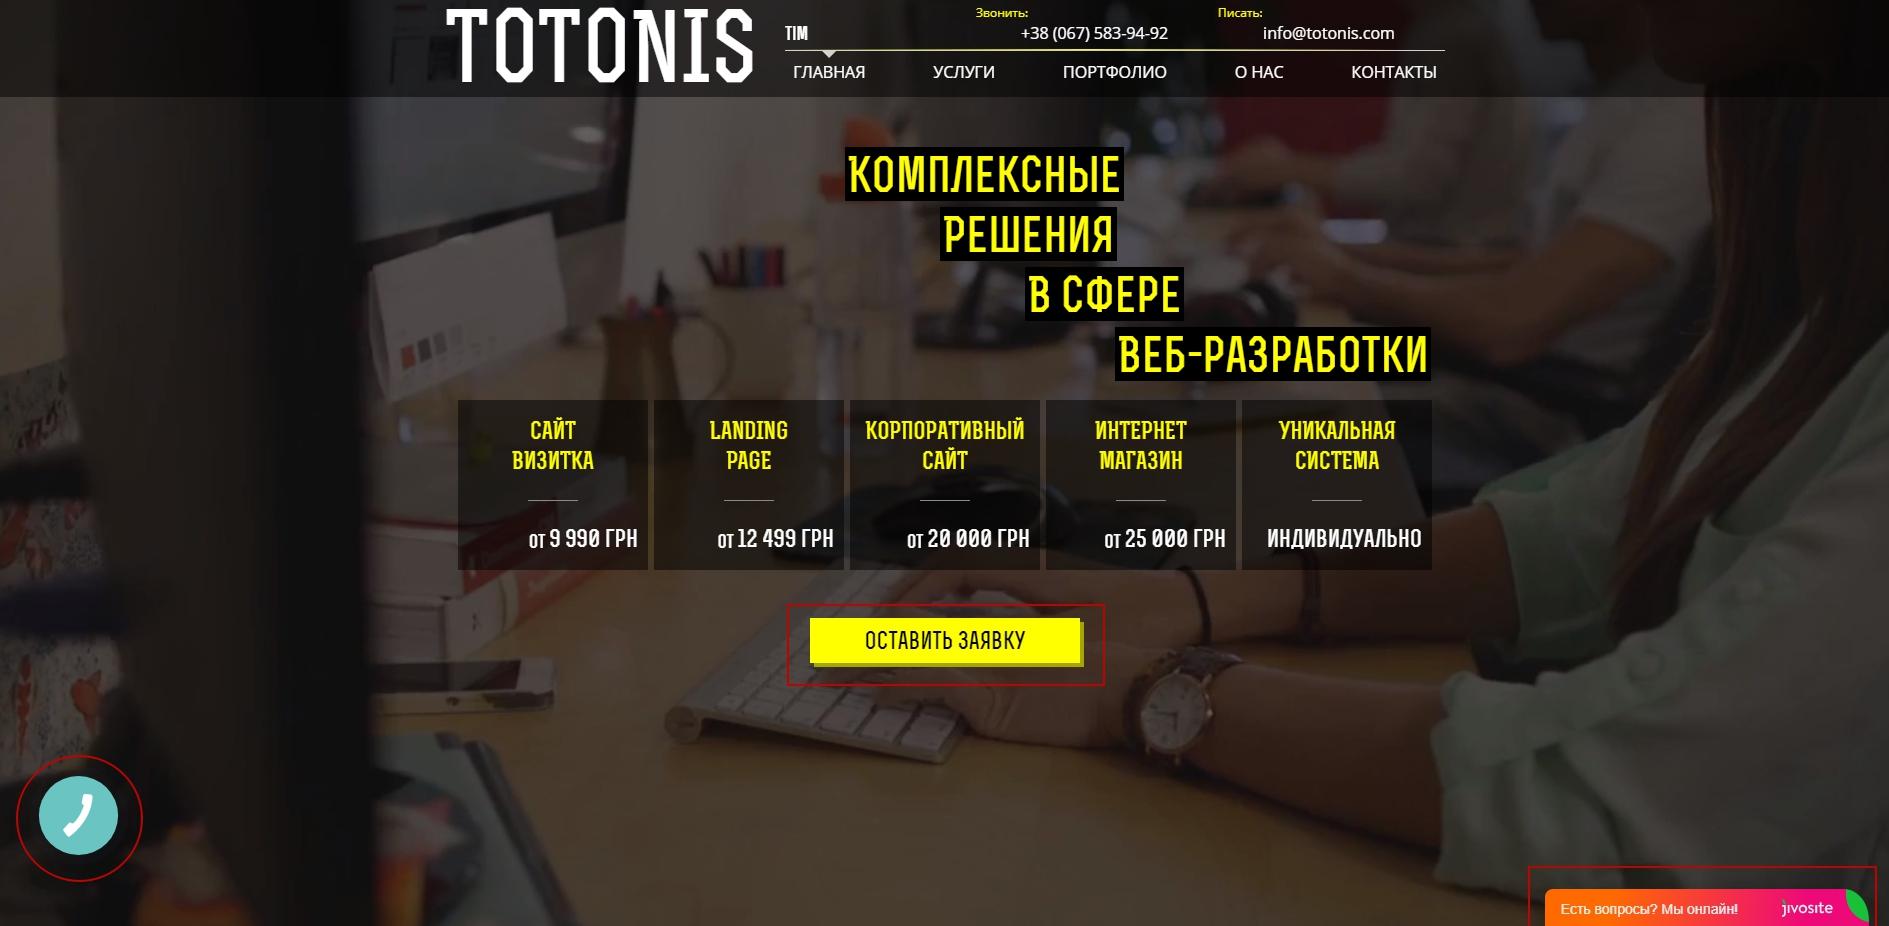 pochemu-vash-b2b-sajt-otpugivaet-klientov-kak-eto-ispravit-call-to-action